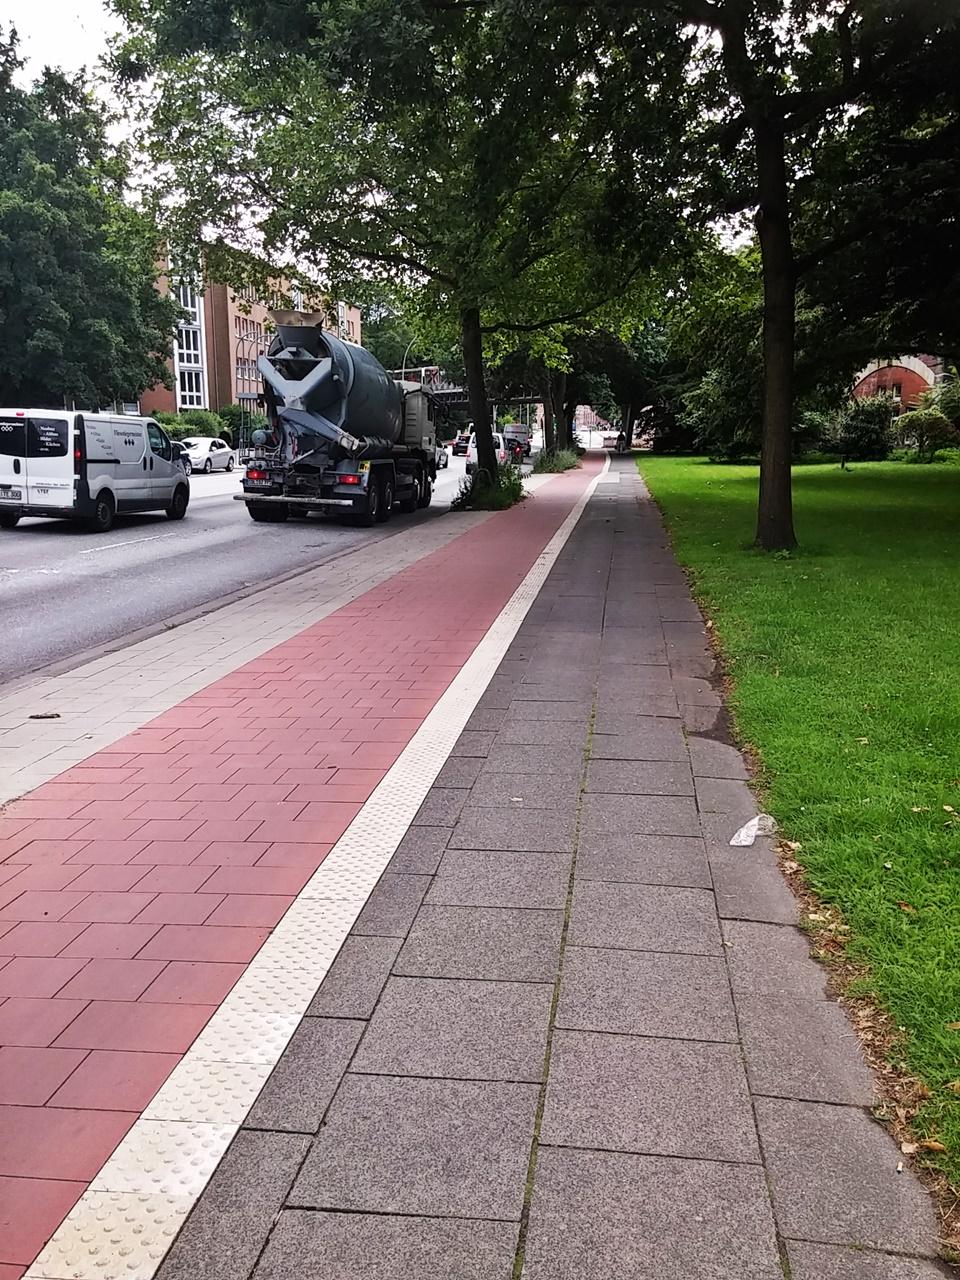 Nach der Einmündung der Birkenau geht's gut ausgebaut weiter. Kein Auto steht auf dem schmalen Streifen zwischen Fahrbahn und Radweg.